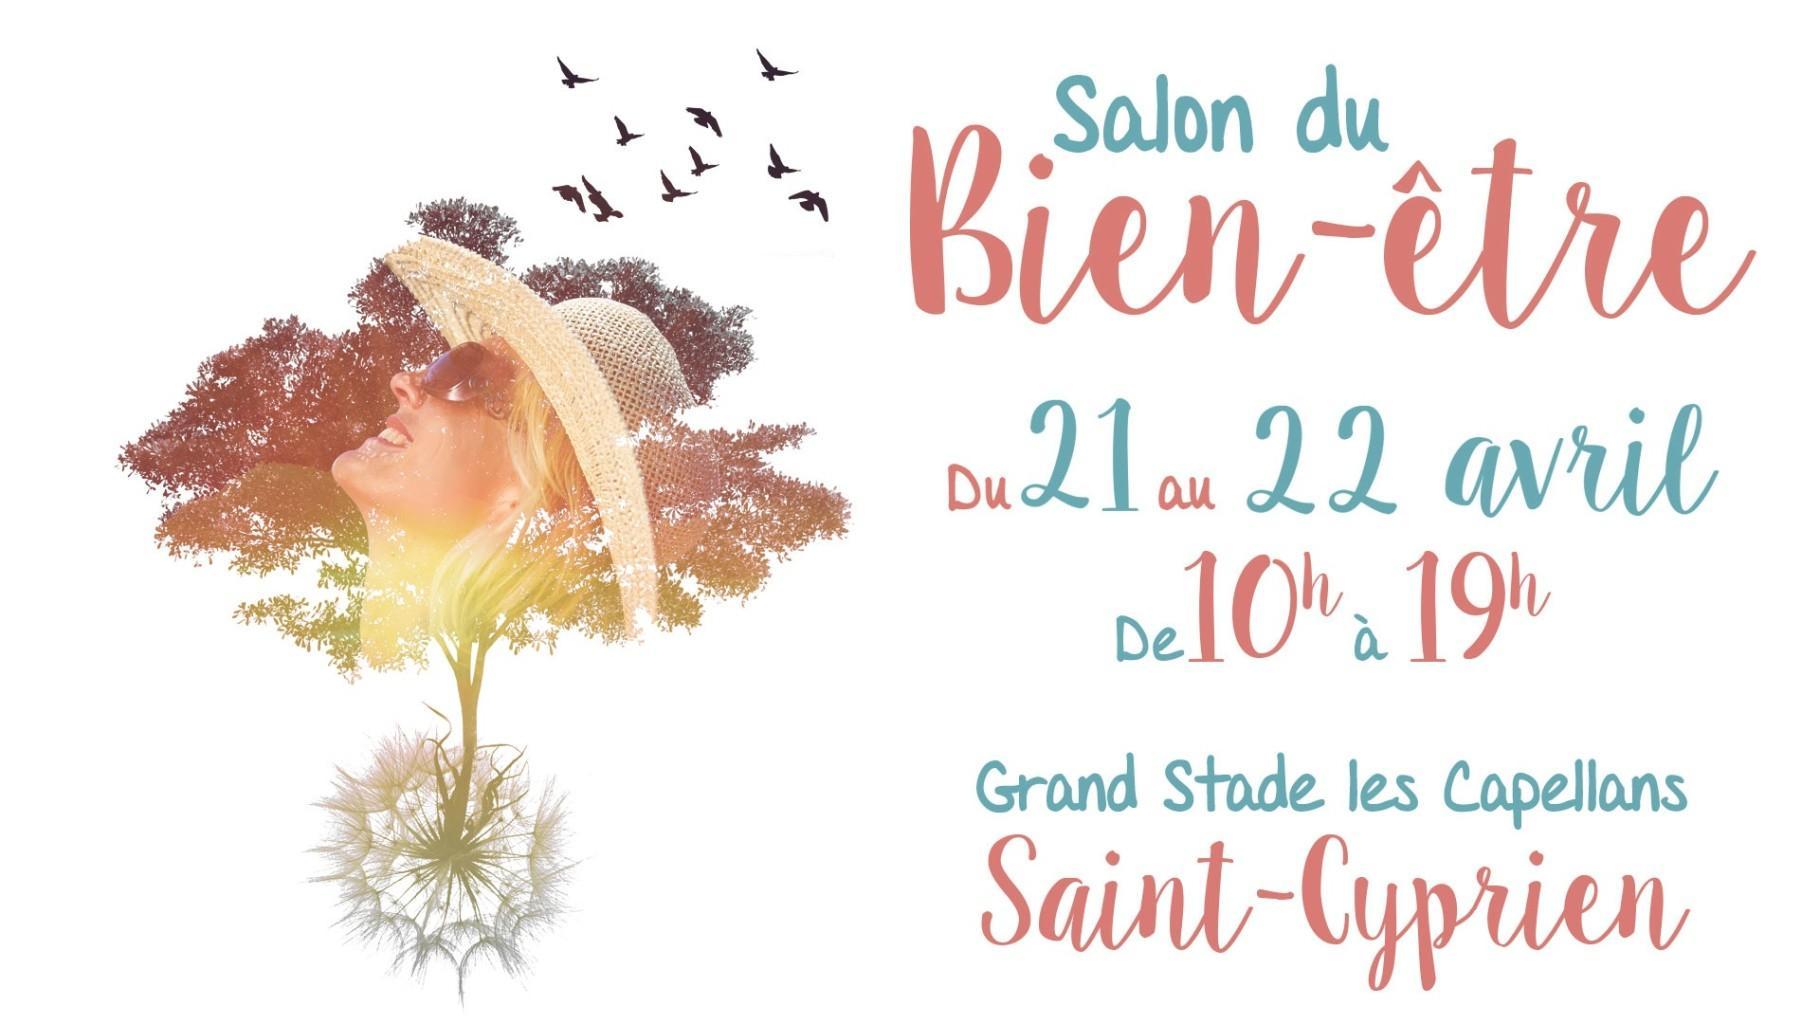 Salon du bien etre agenda office de tourisme de saint - Salon du e marketing ...